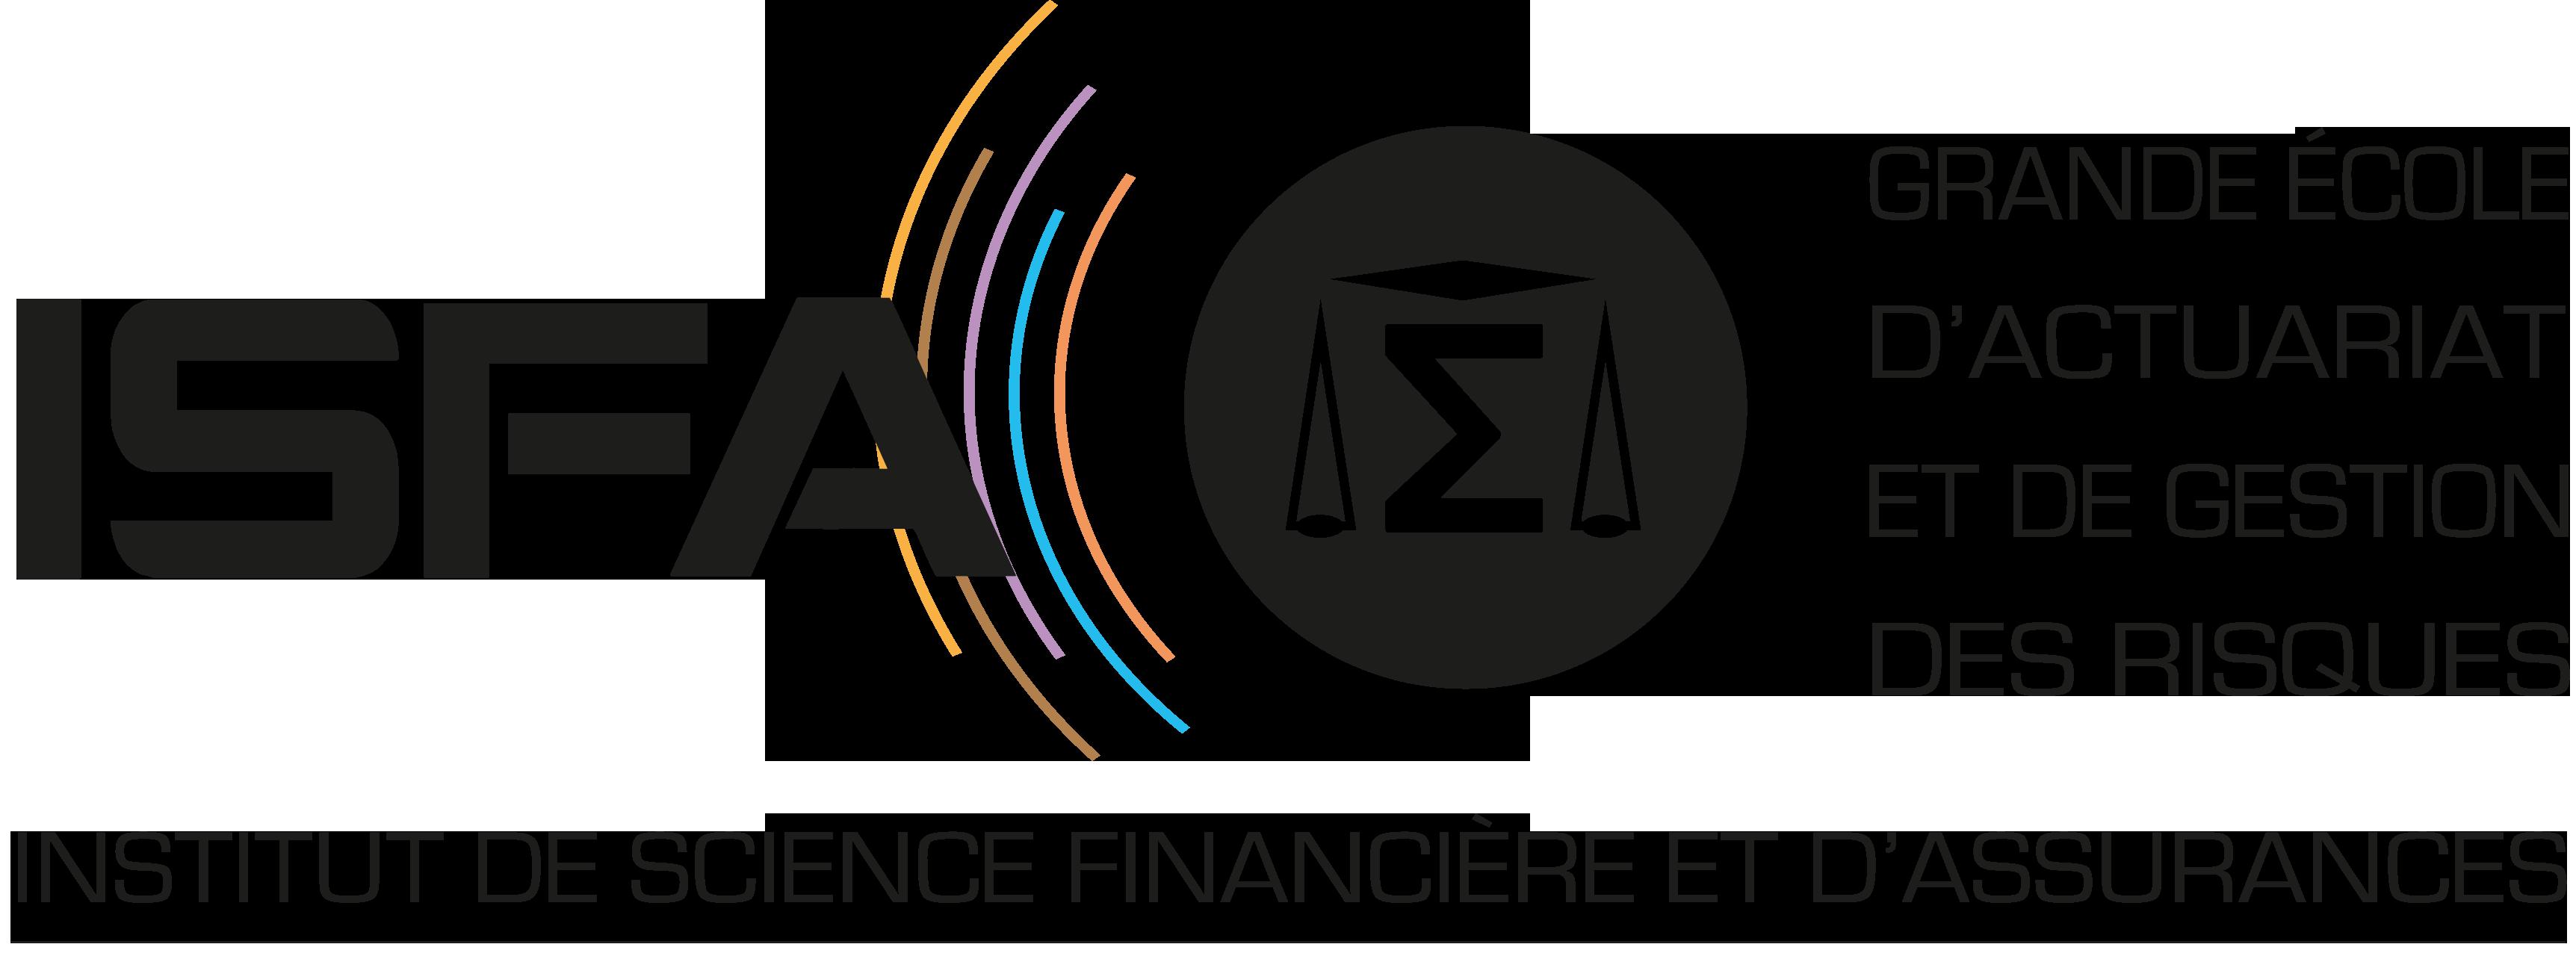 Institut de Science Financière et d'Assurances